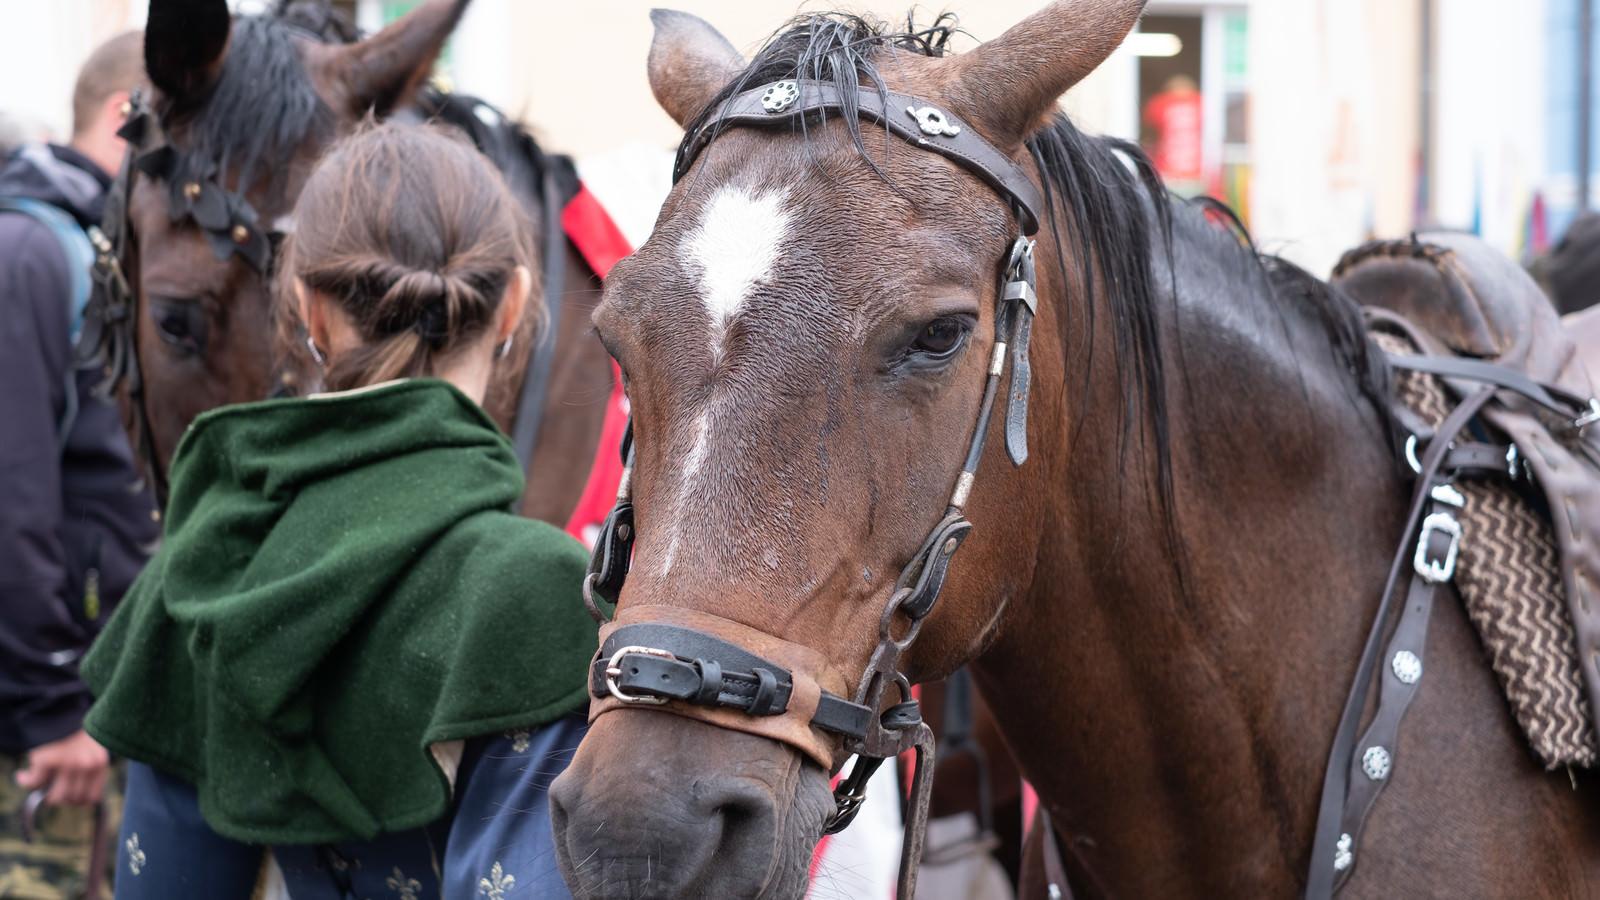 「ミクロフで見かけた馬(チェコ共和国)」の写真